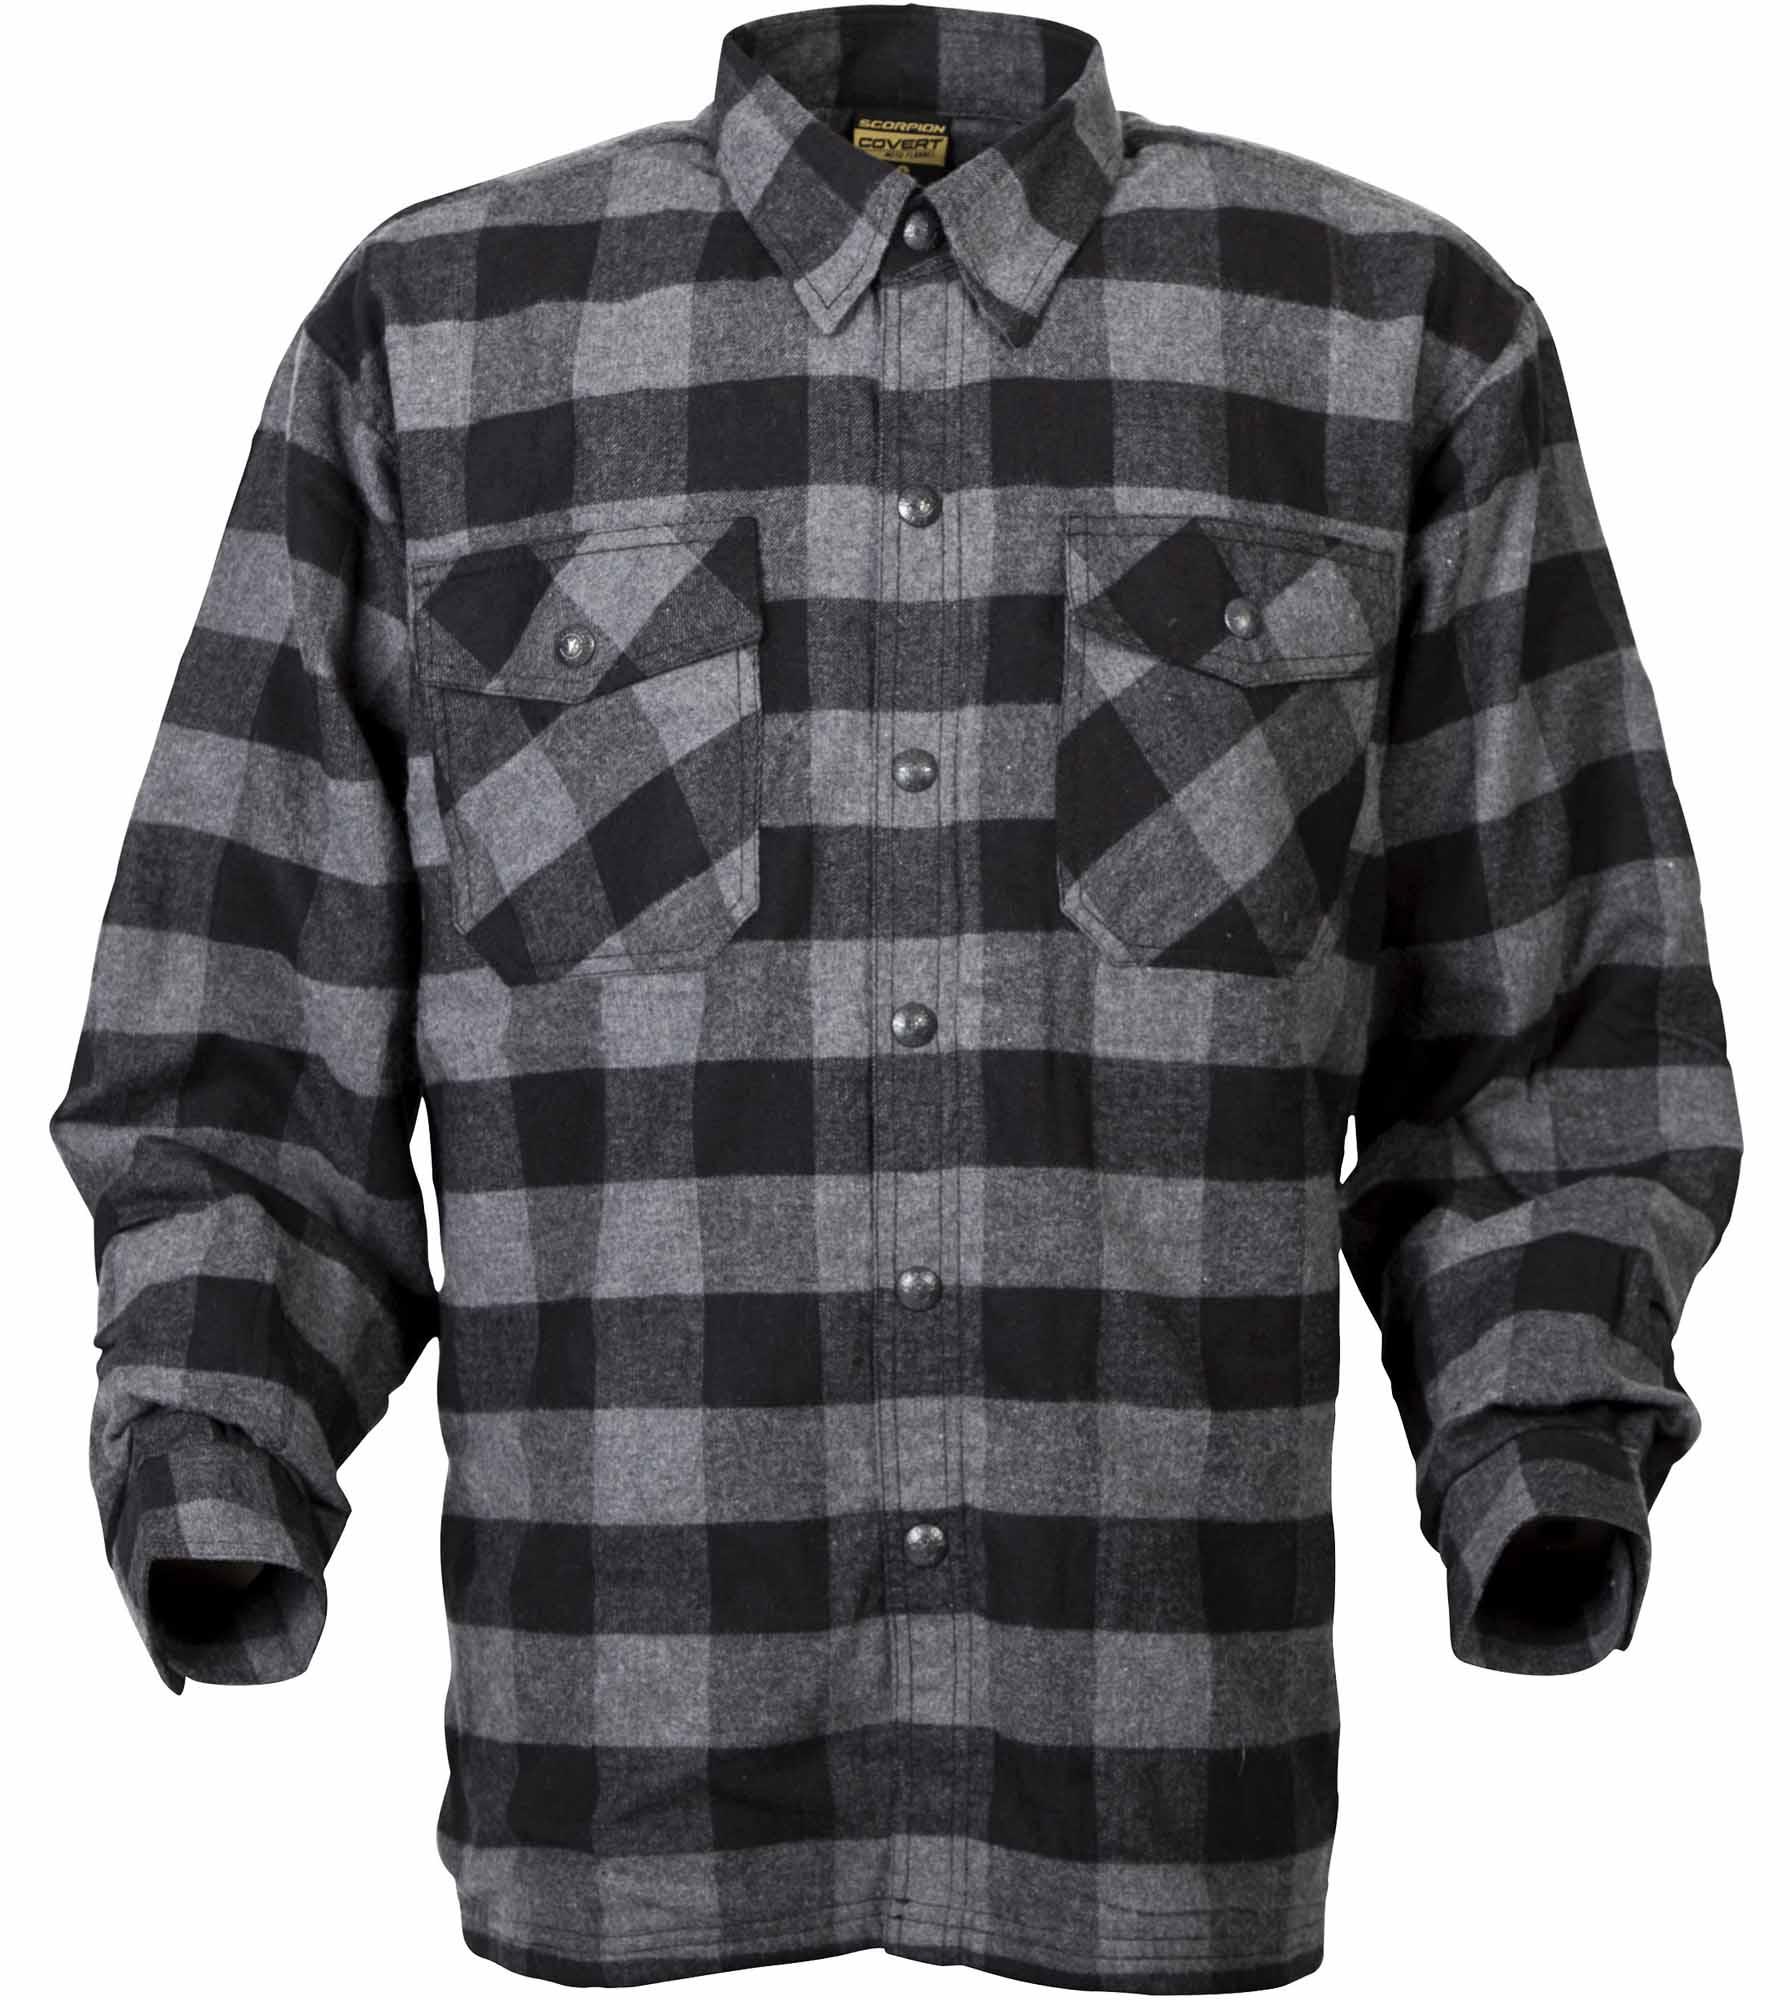 Grigio Camicia Nera Uomo Completo Completo SGqUpzMV